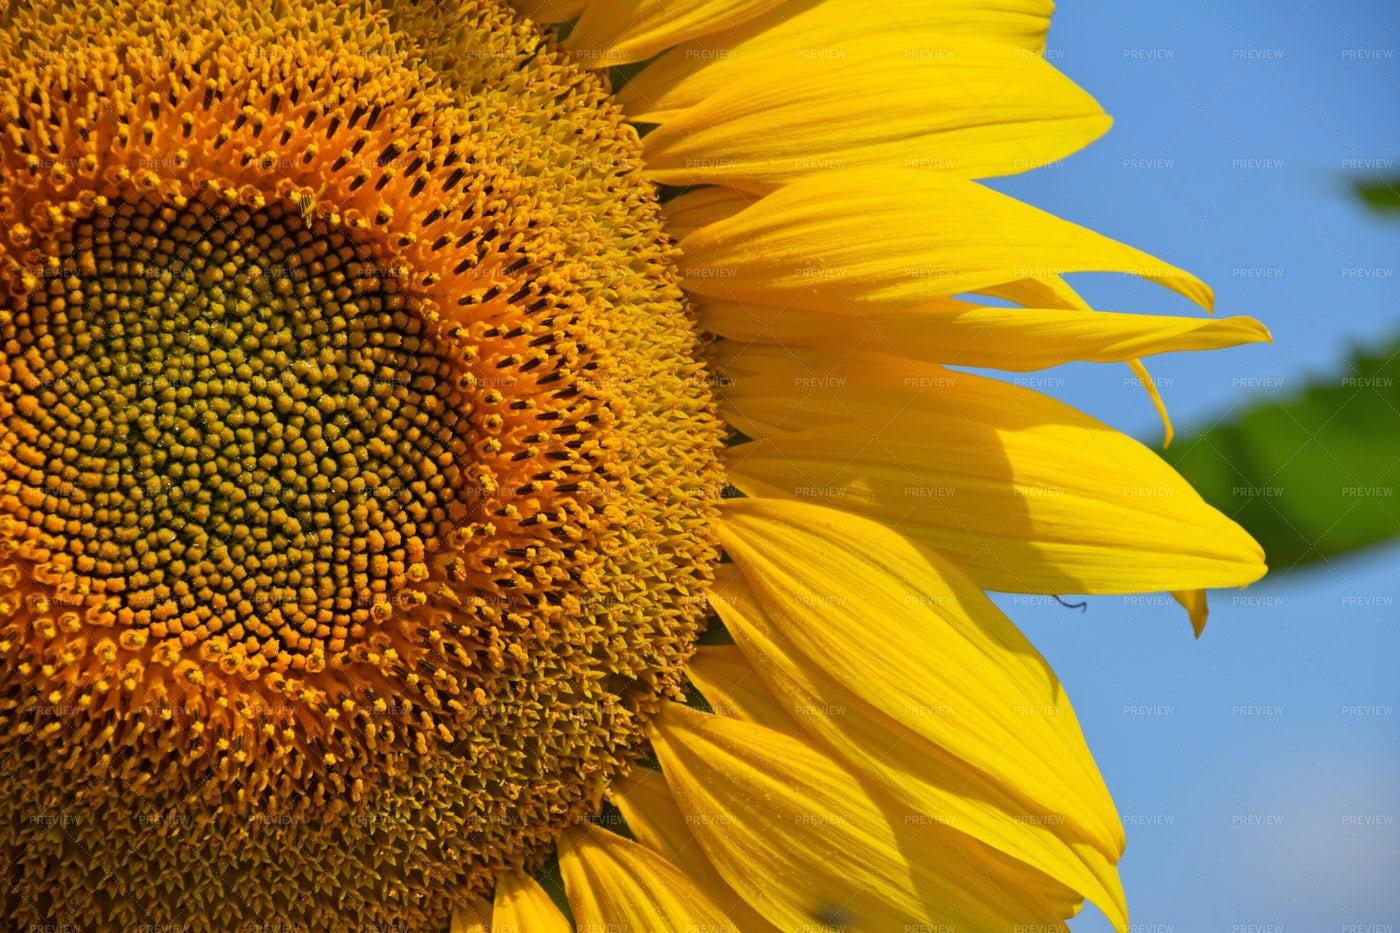 Yellow Sunflower Close-Up: Stock Photos